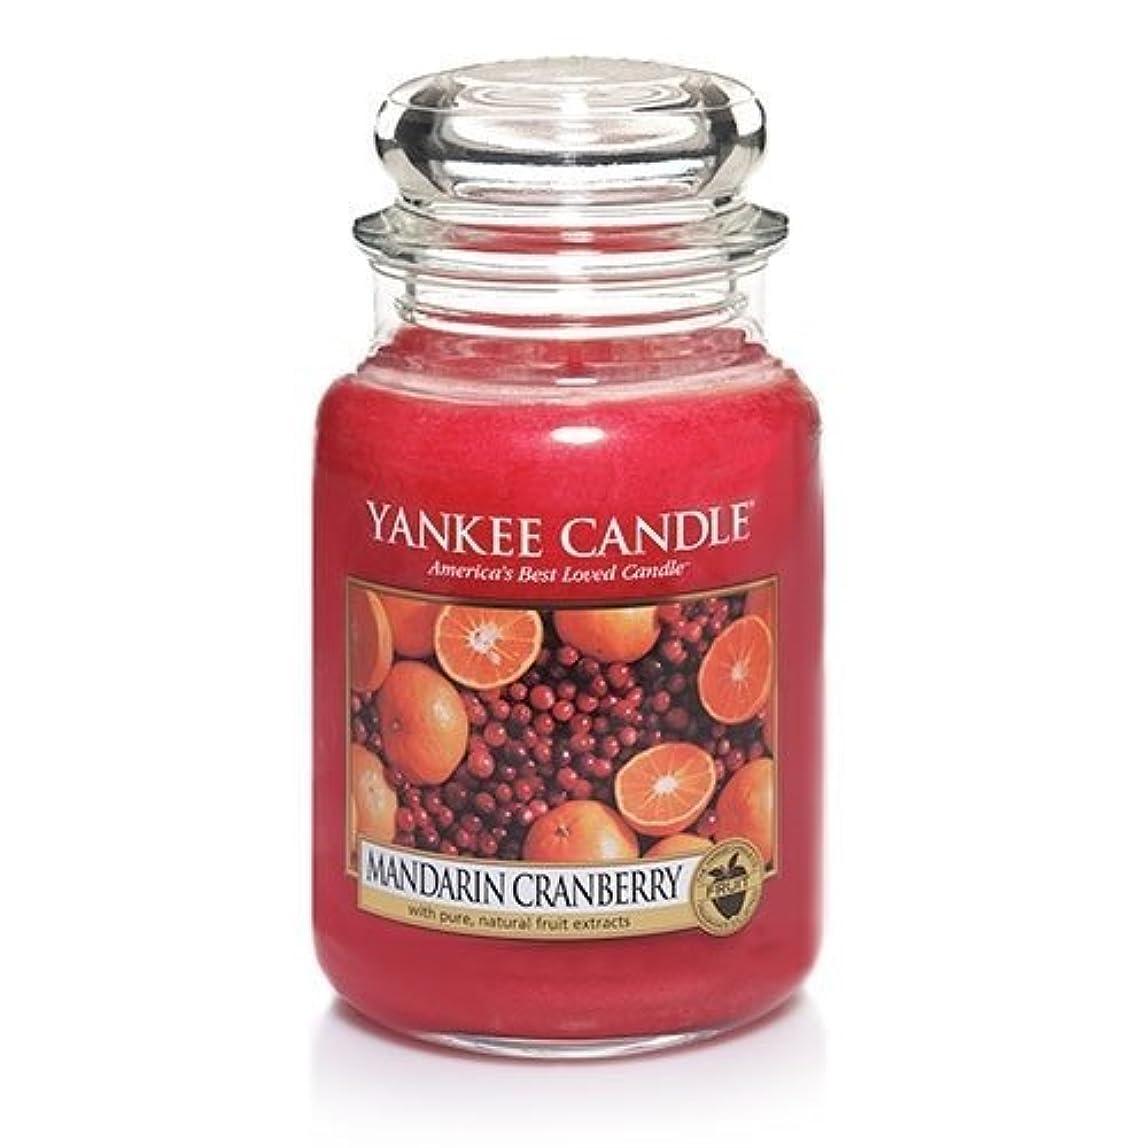 重要ステップニュージーランドMandarin Cranberry Large Scented Jar by Yankee Candle [並行輸入品]